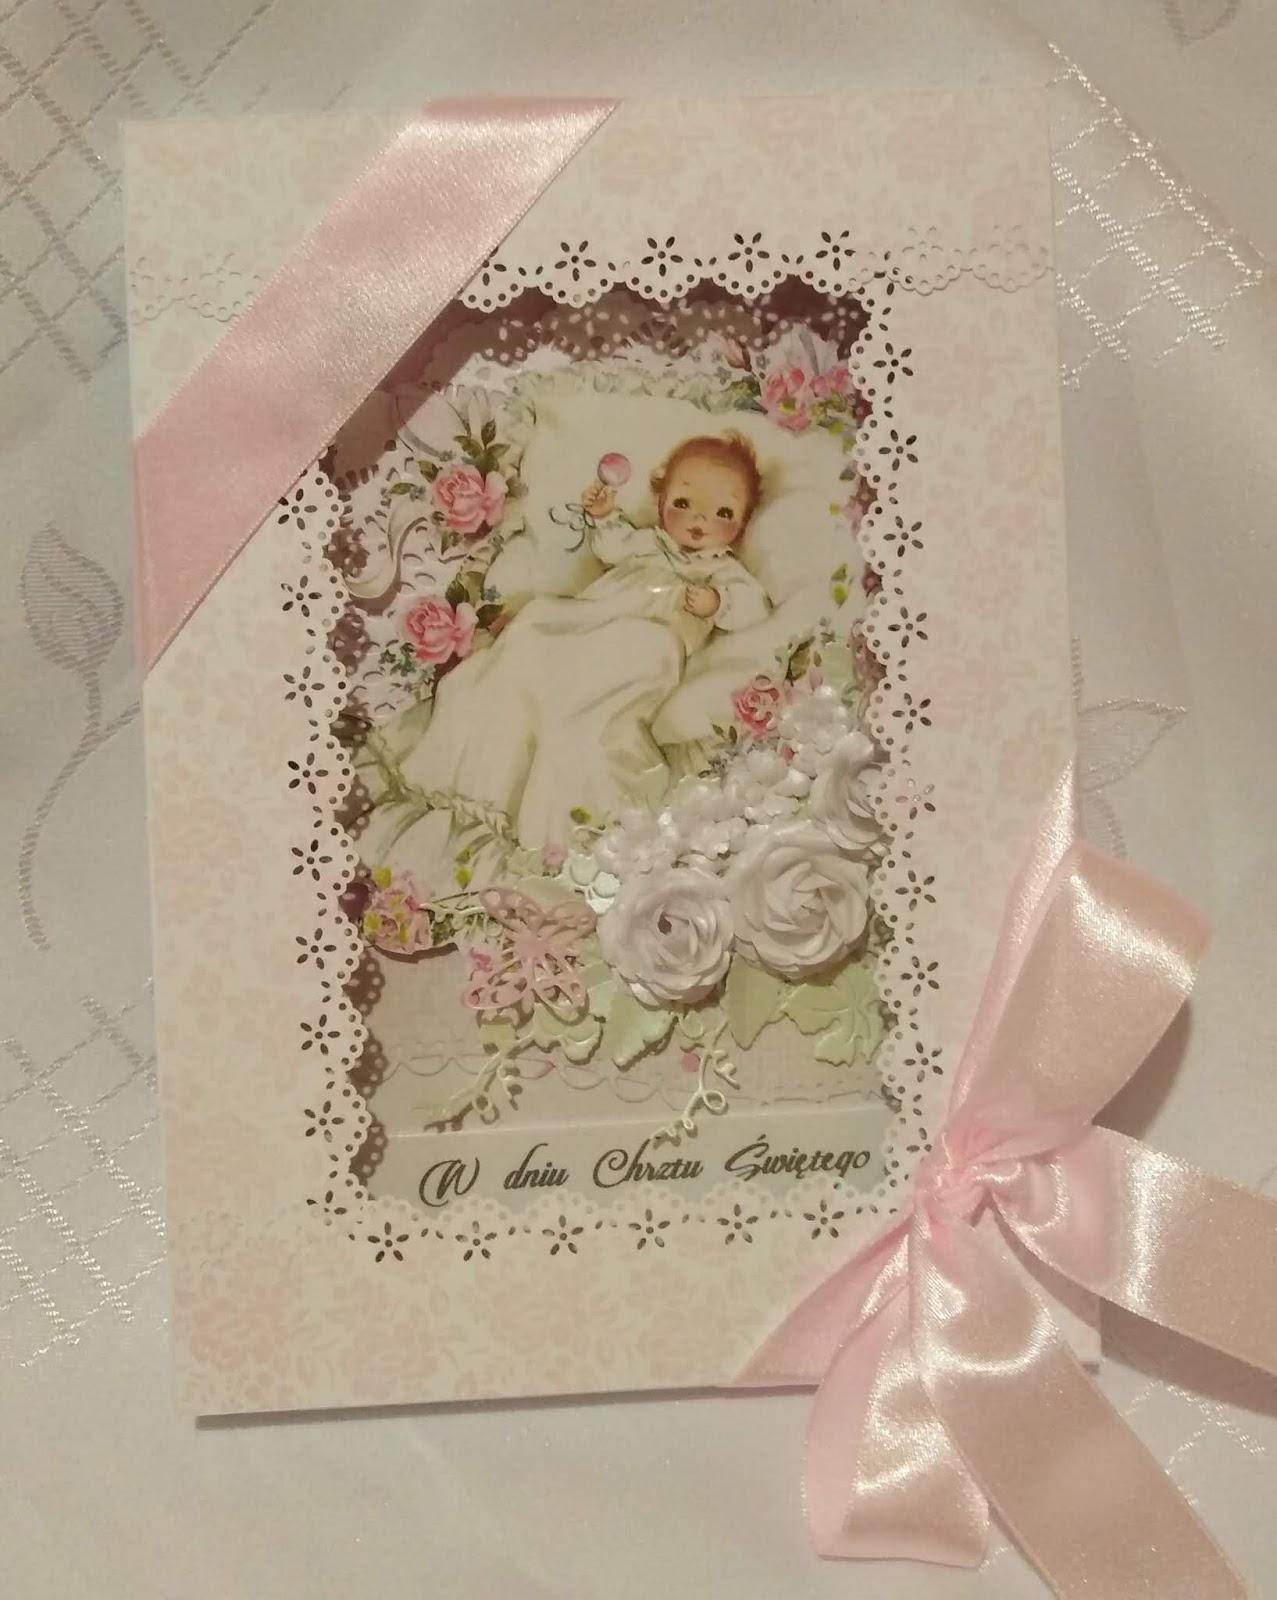 Chrzest Dziewczynki I ślub Rodziców Pudełko I Kartka Prezencik